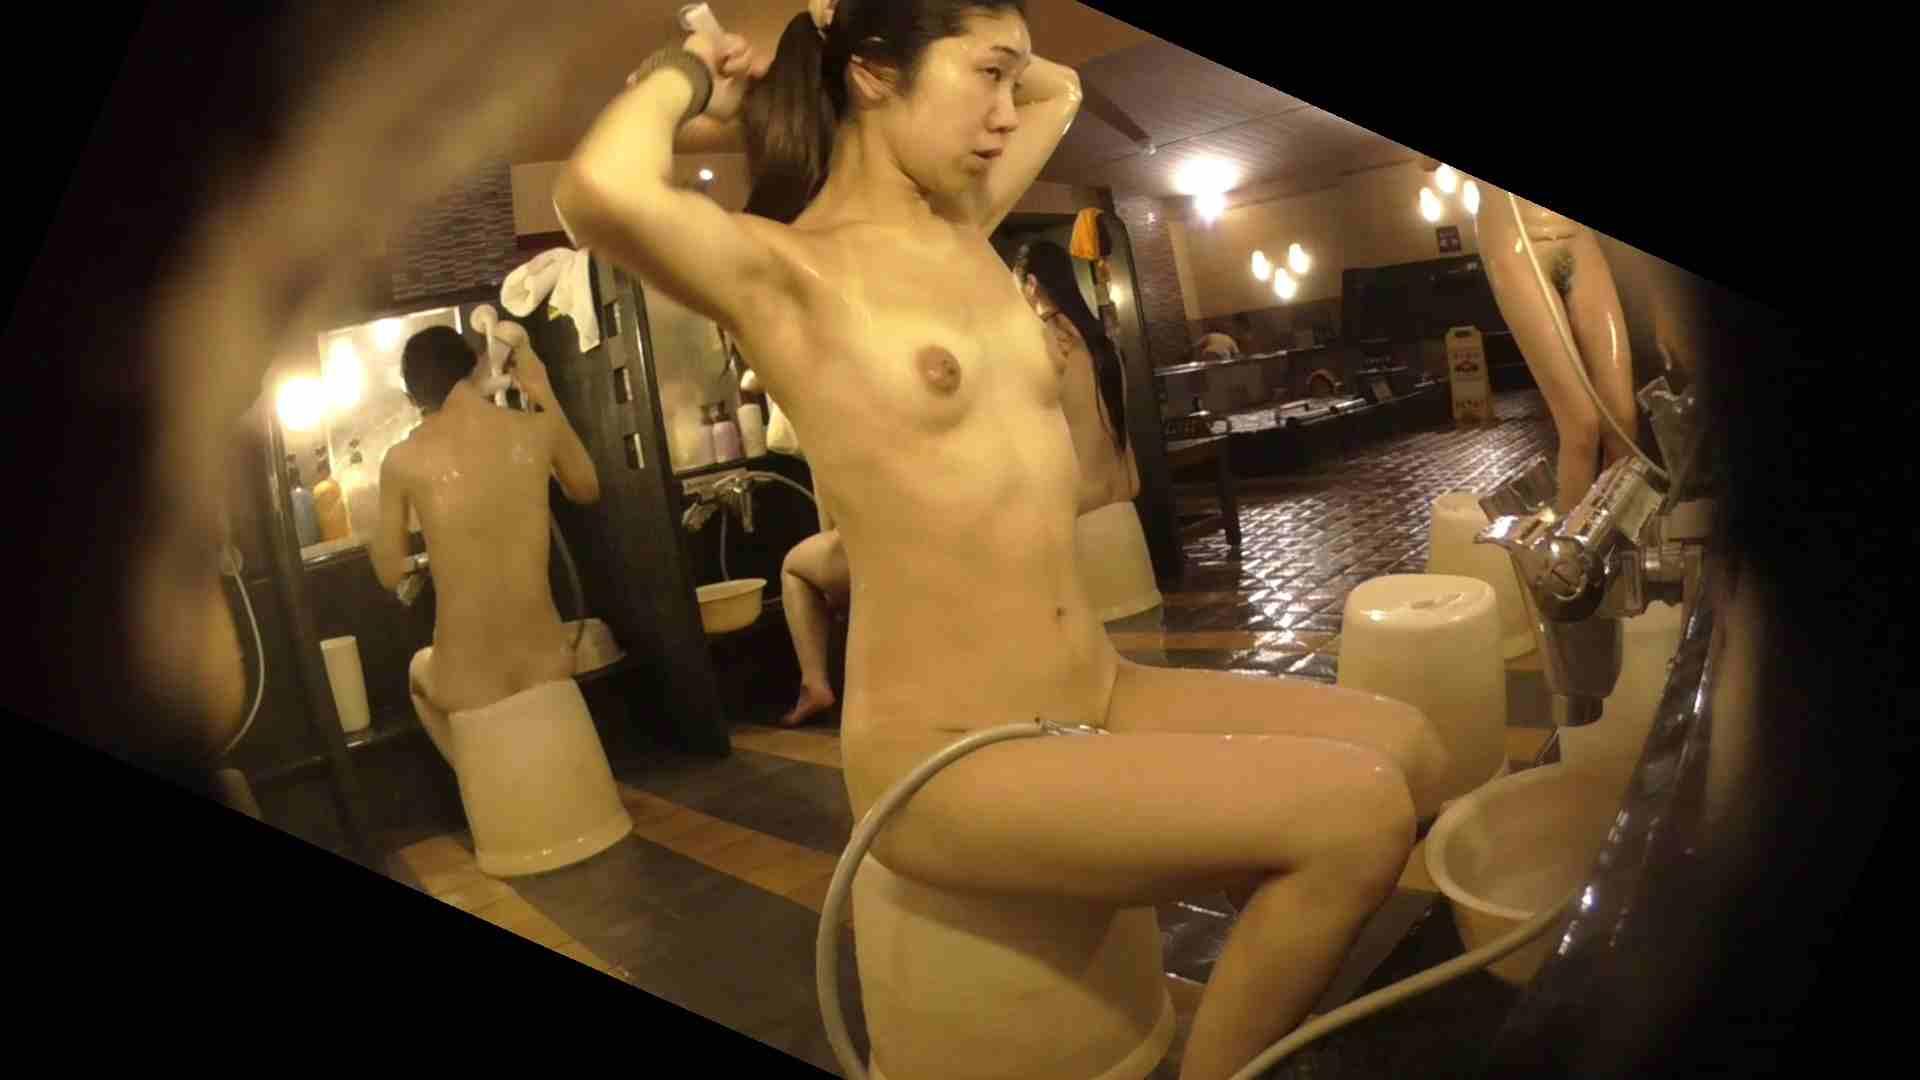 お風呂HEROの助手 vol.04 OL  112pic 3